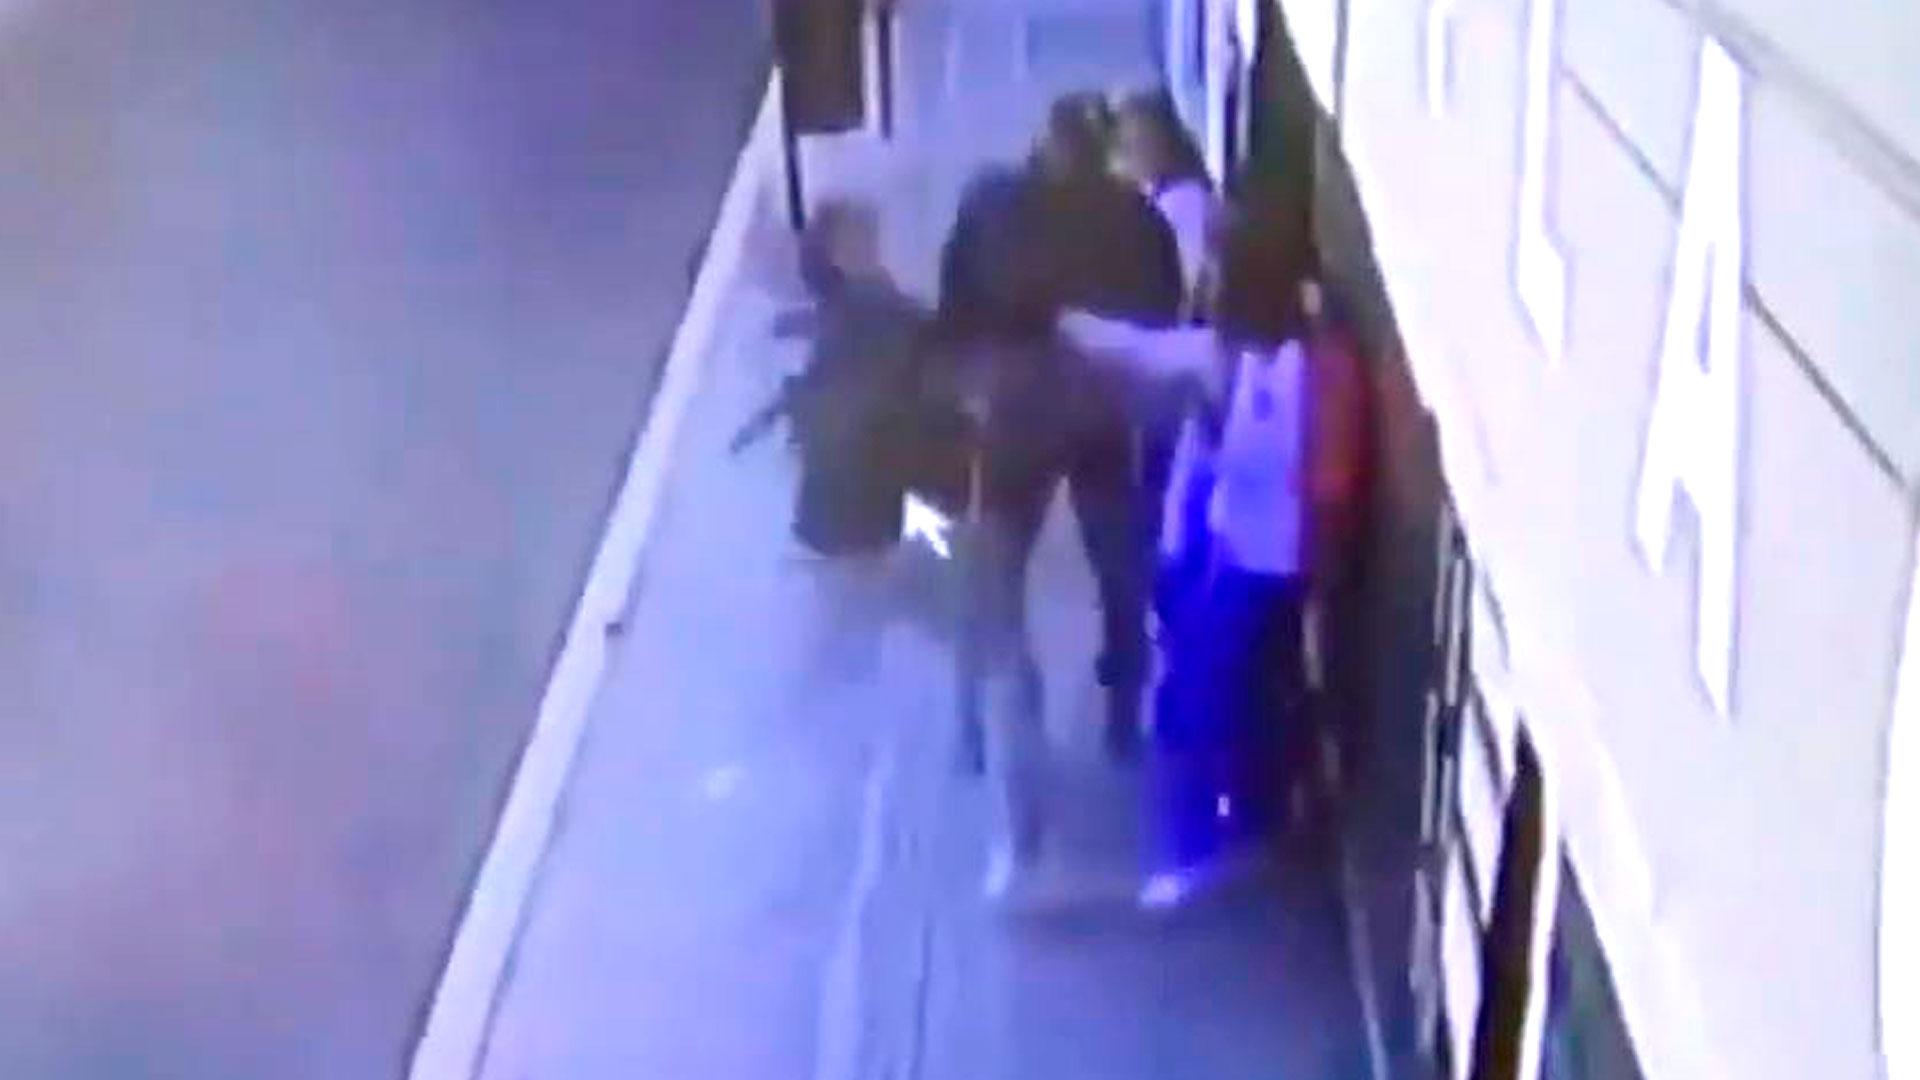 Estudiantes universitarios en Puebla ahuyentaron a ladrones con una pistola eléctrica (Foto: YouTube pueblaonlinevideos)